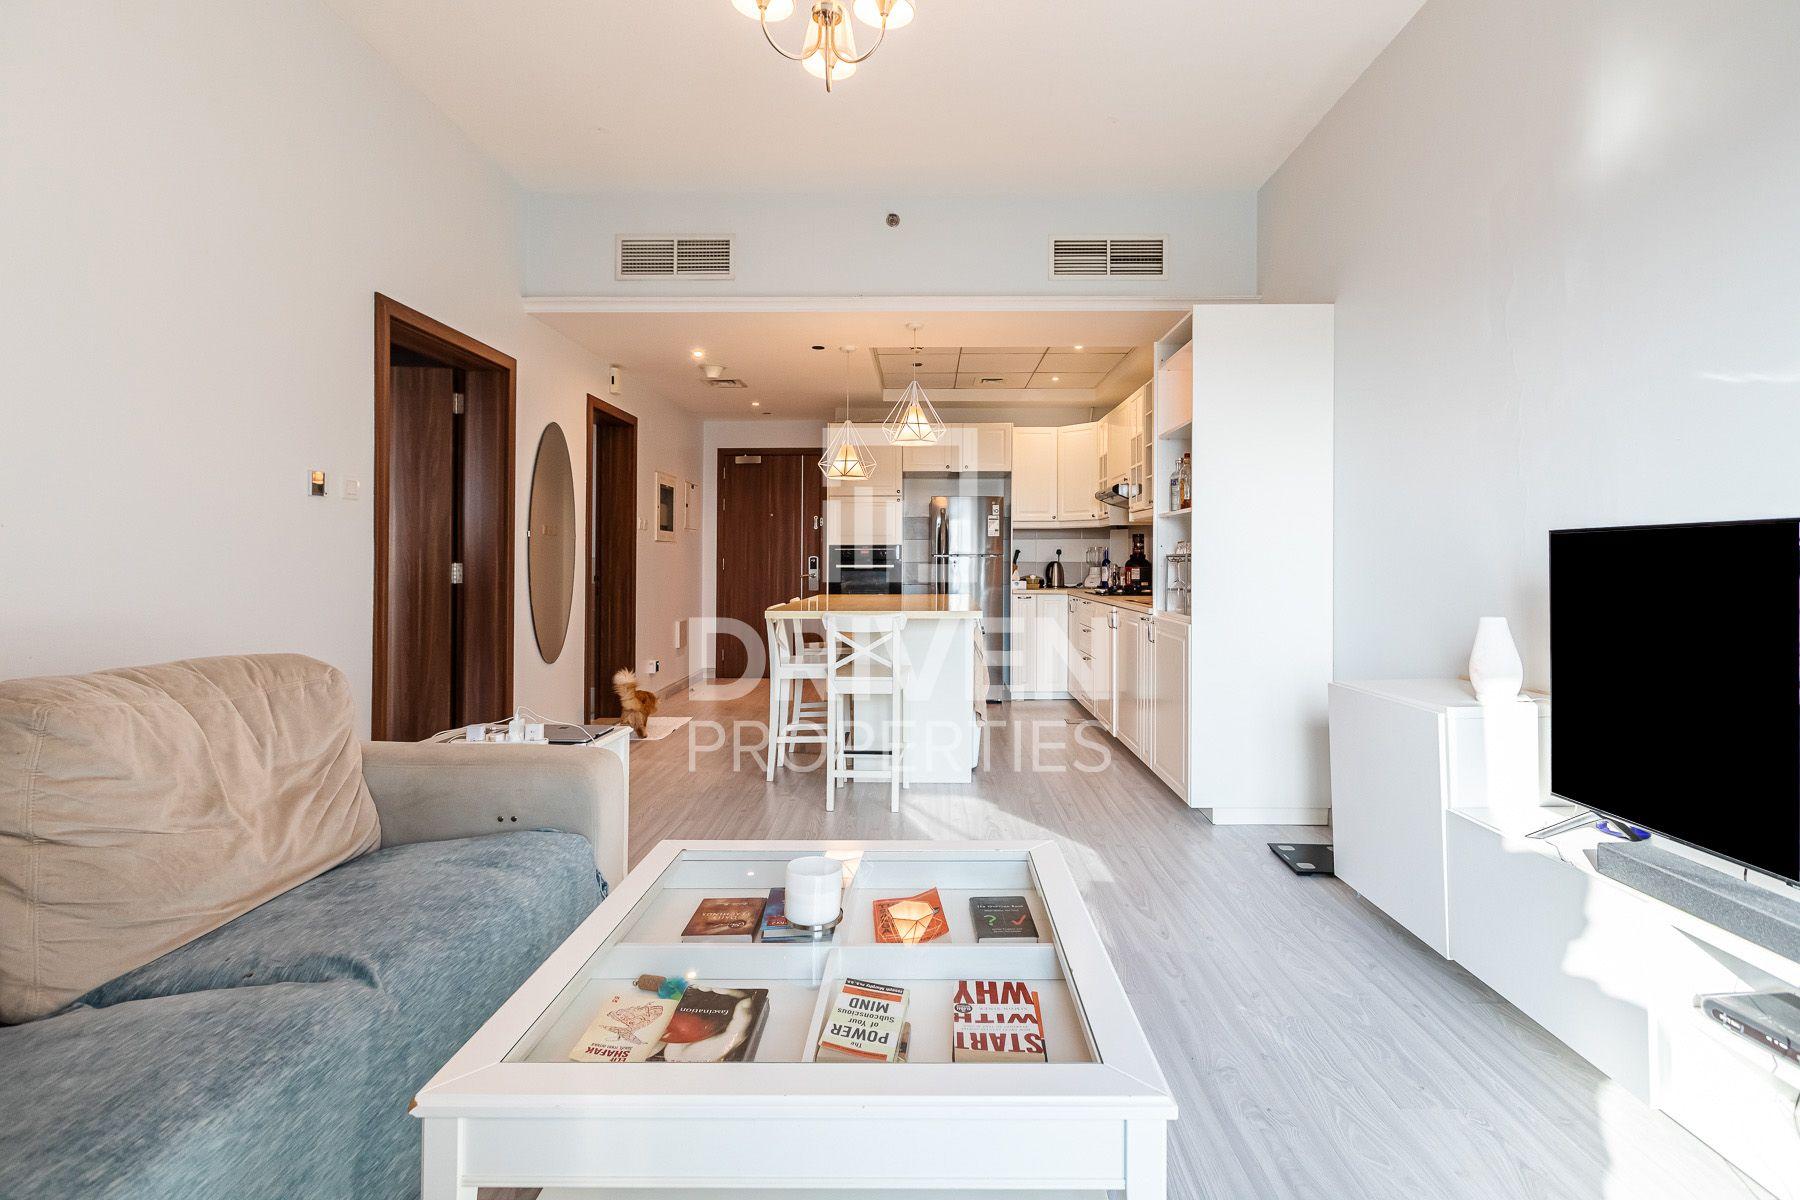 793 قدم مربع  شقة - للبيع - مثلث قرية الجميرا